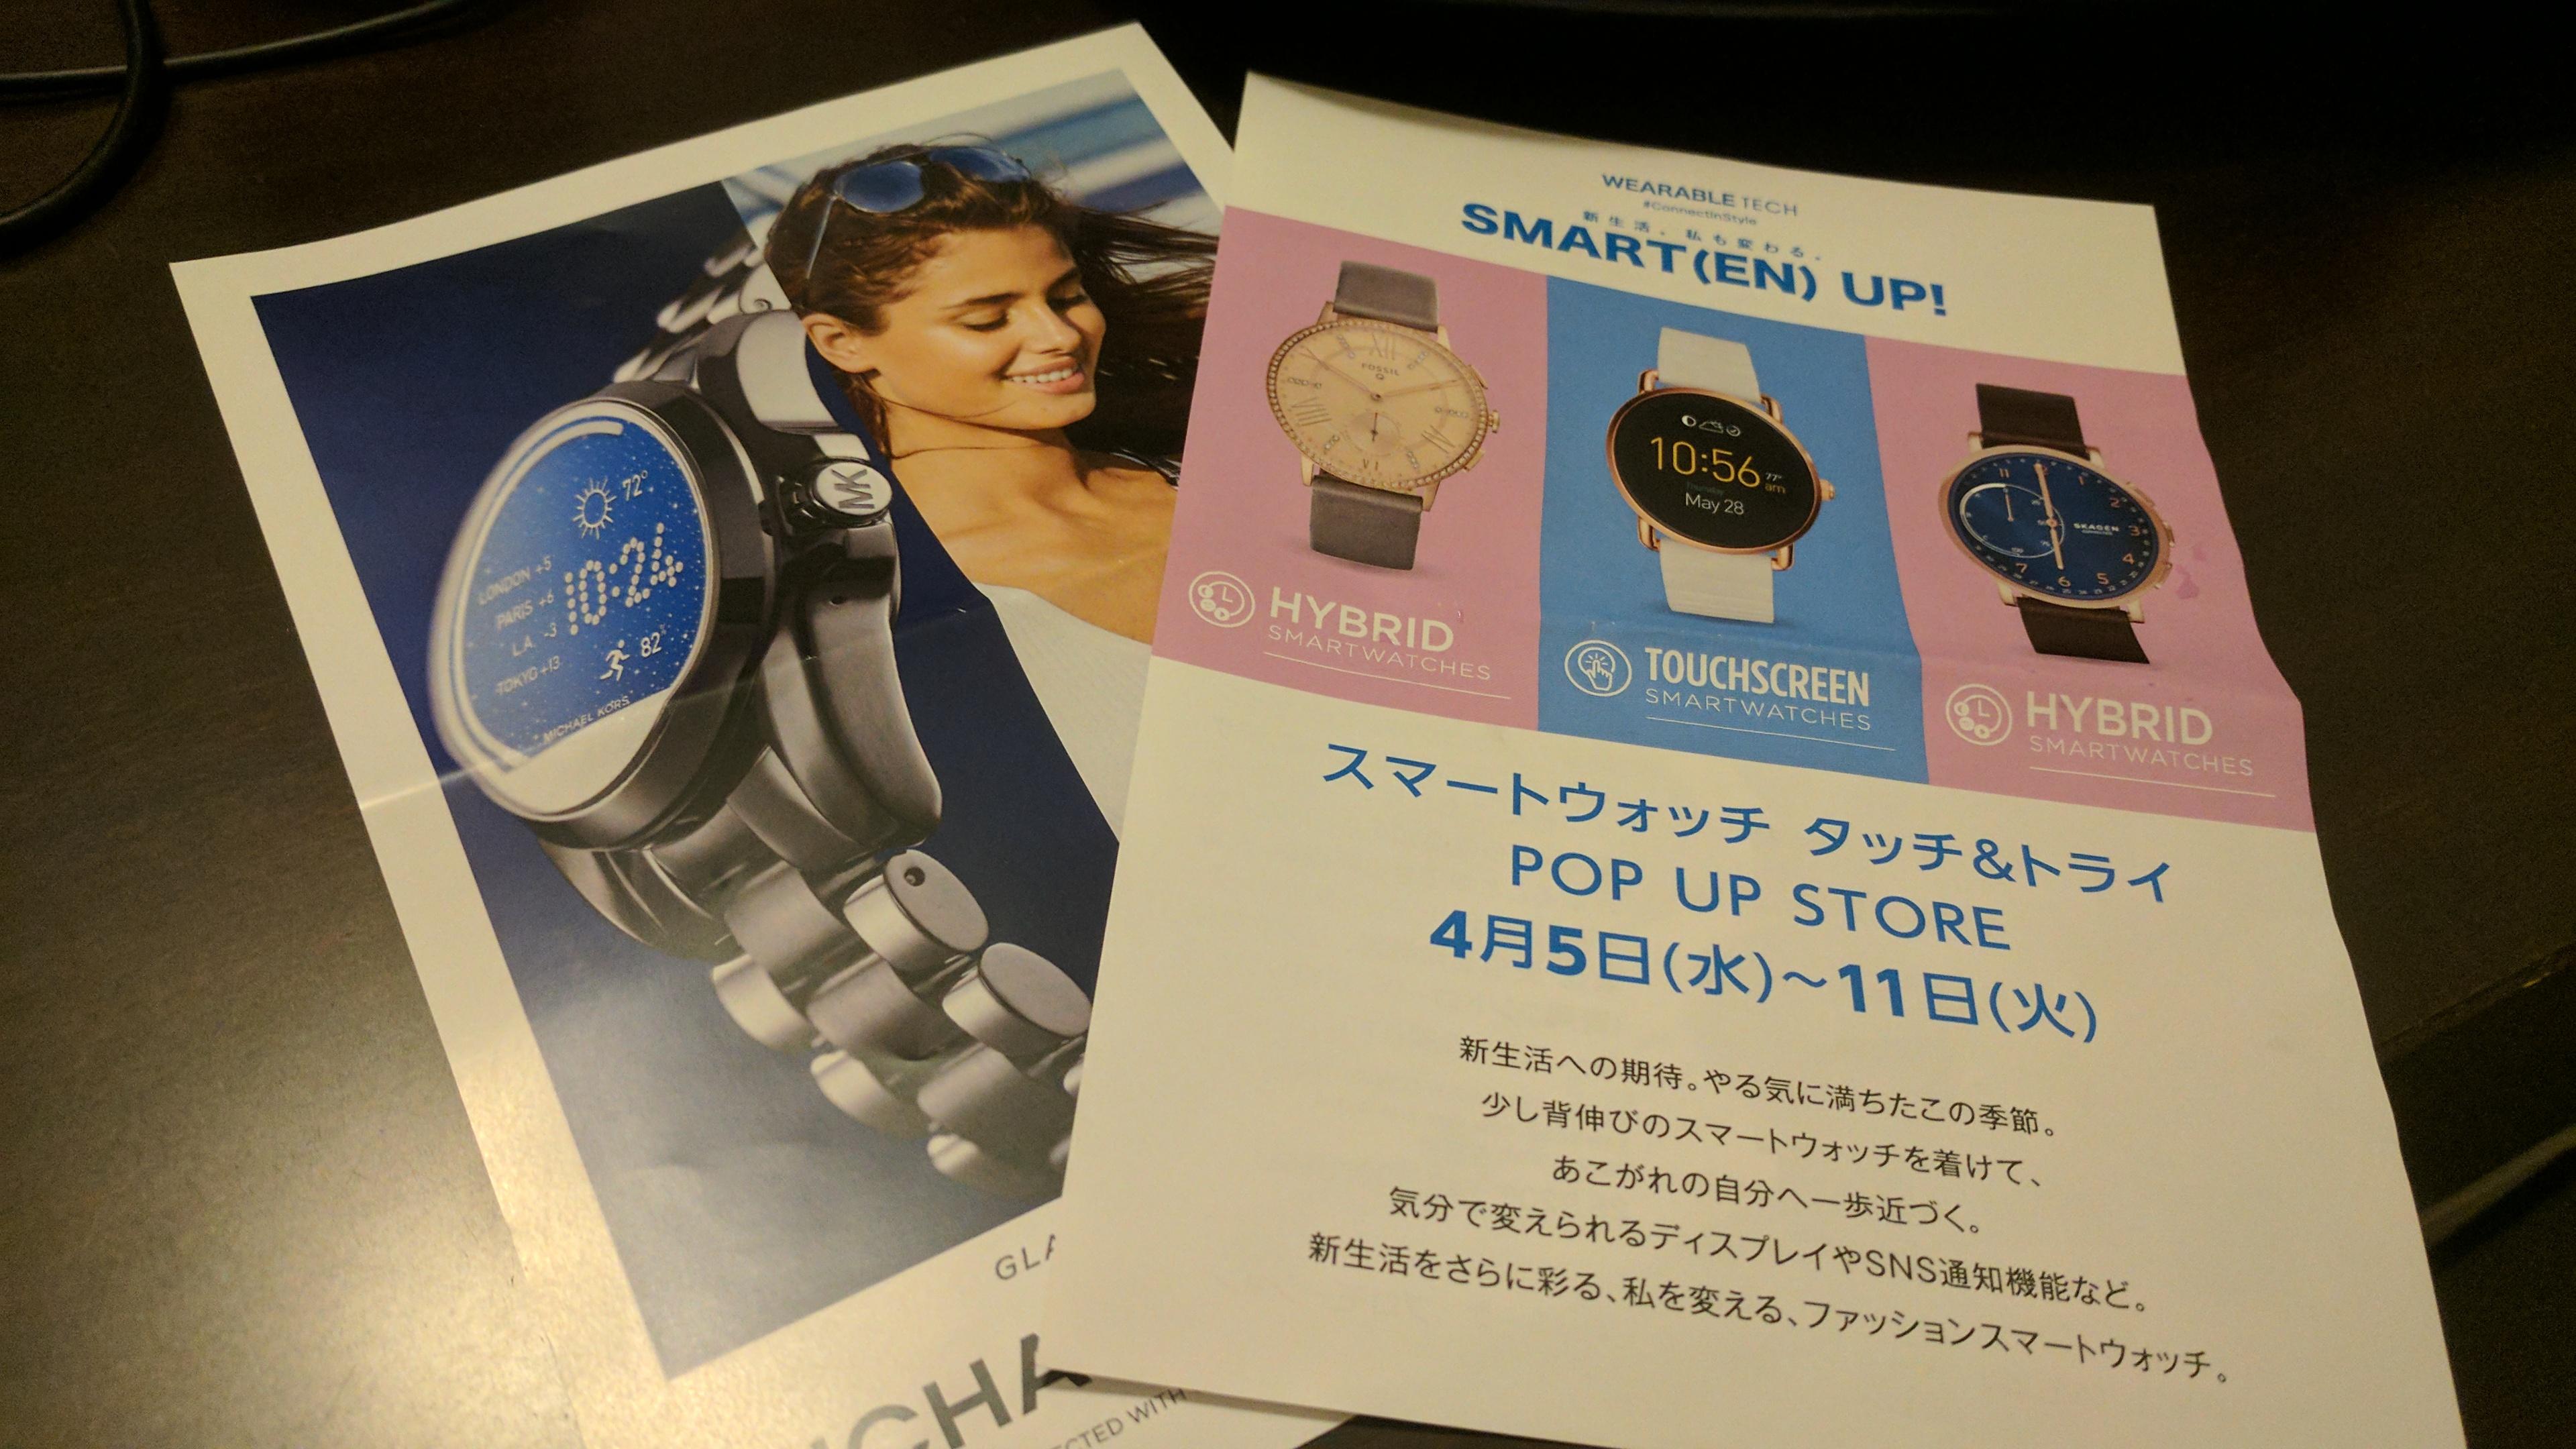 【レポート】新宿伊勢丹に期間限定オープンしているFossil Groupのスマートウォッチポップアップストアに行ってきた